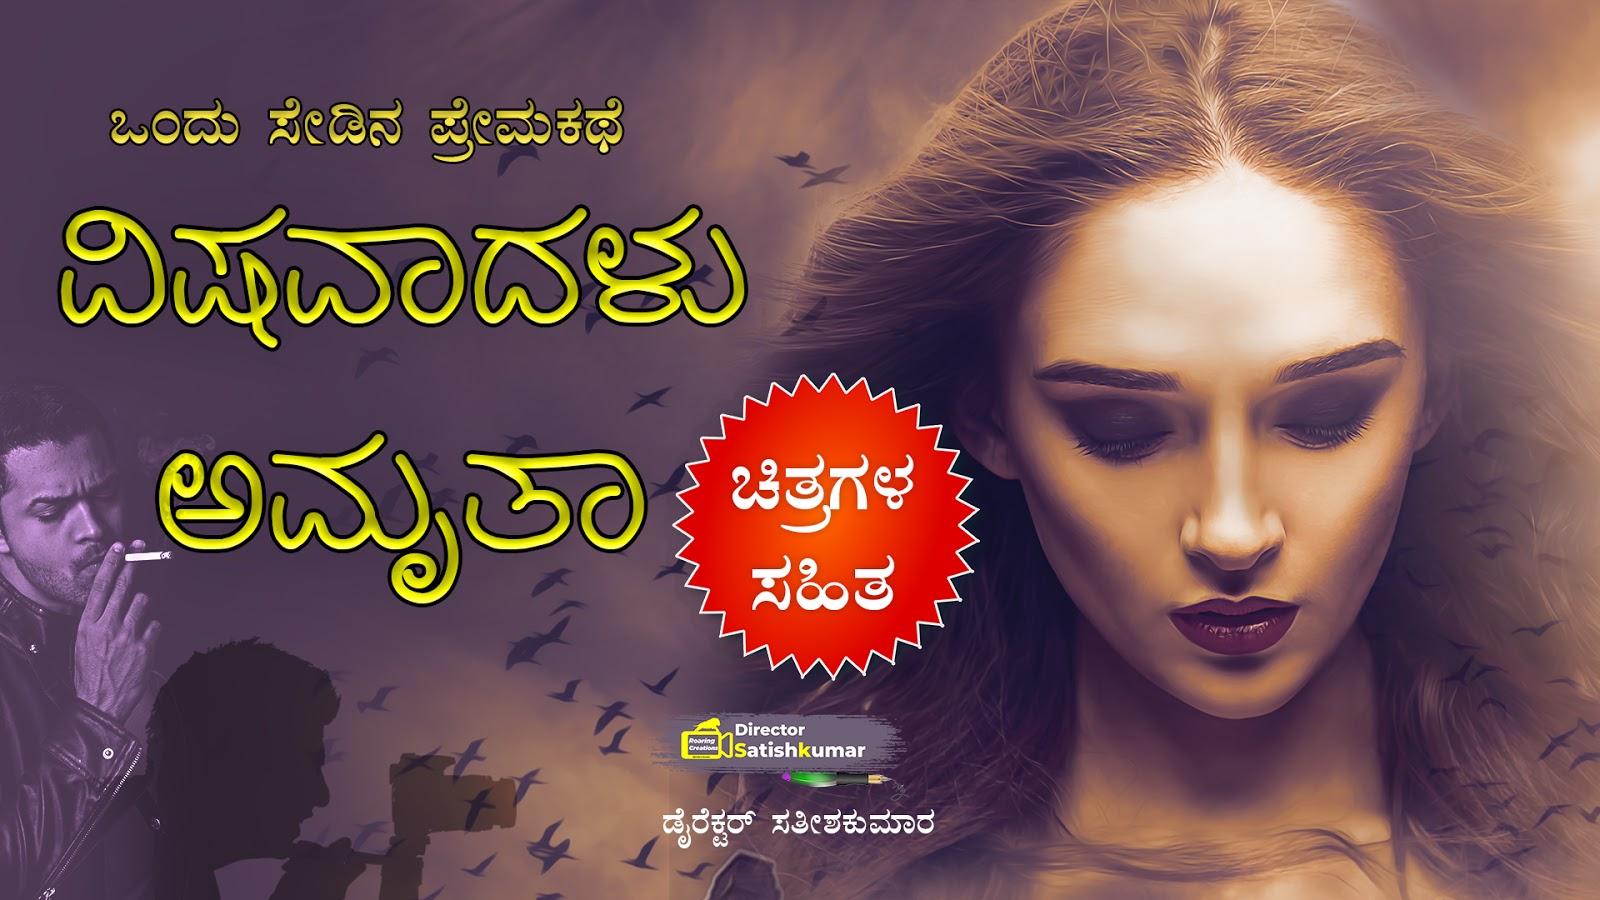 ವಿಷವಾದಳು ಅಮೃತಾ : ಒಂದು ಸೇಡಿನ ಪ್ರೇಮಕಥೆ - Revenge Love Story in Kannada